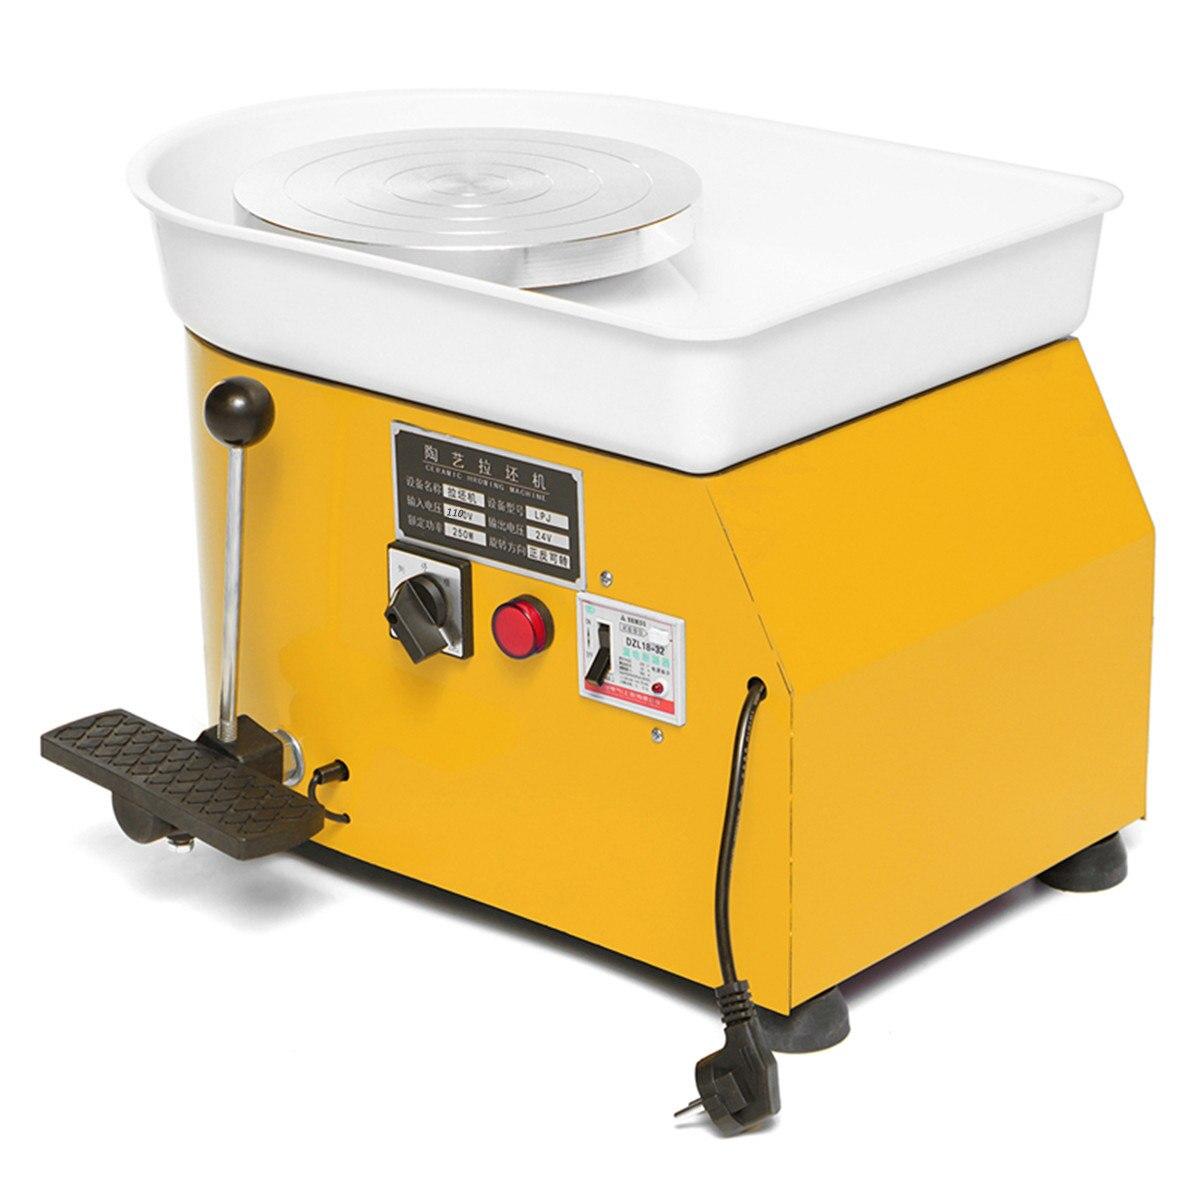 3 couleurs 110 V/220 V poterie formant la Machine 250 W/350 W poterie électrique roue argile pour travaux pratiques outil avec plateau pour céramique travail céramique - 5